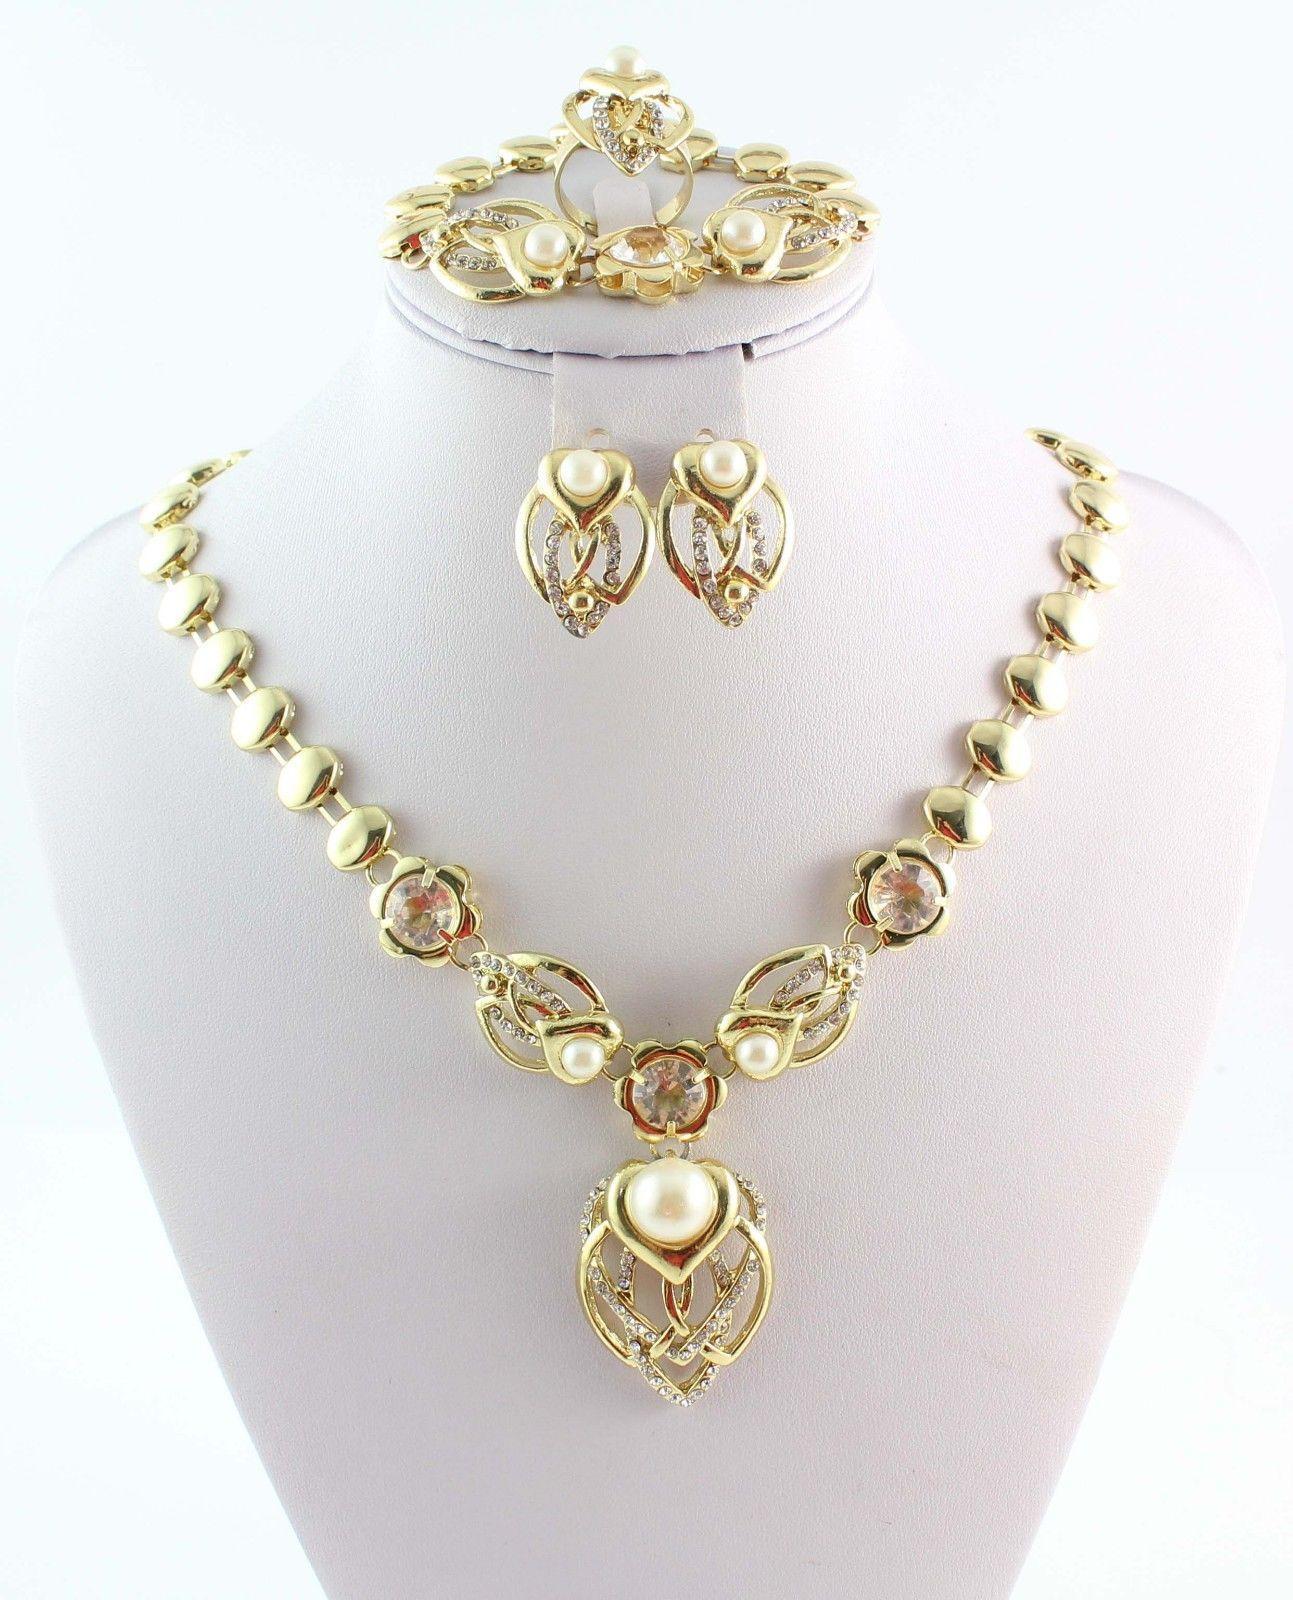 جديد الأزياء الأفريقية مجموعة مجوهرات الزفاف مجوهرات مطلية بالذهب واضح كريستال بيرل قلادة مجموعة